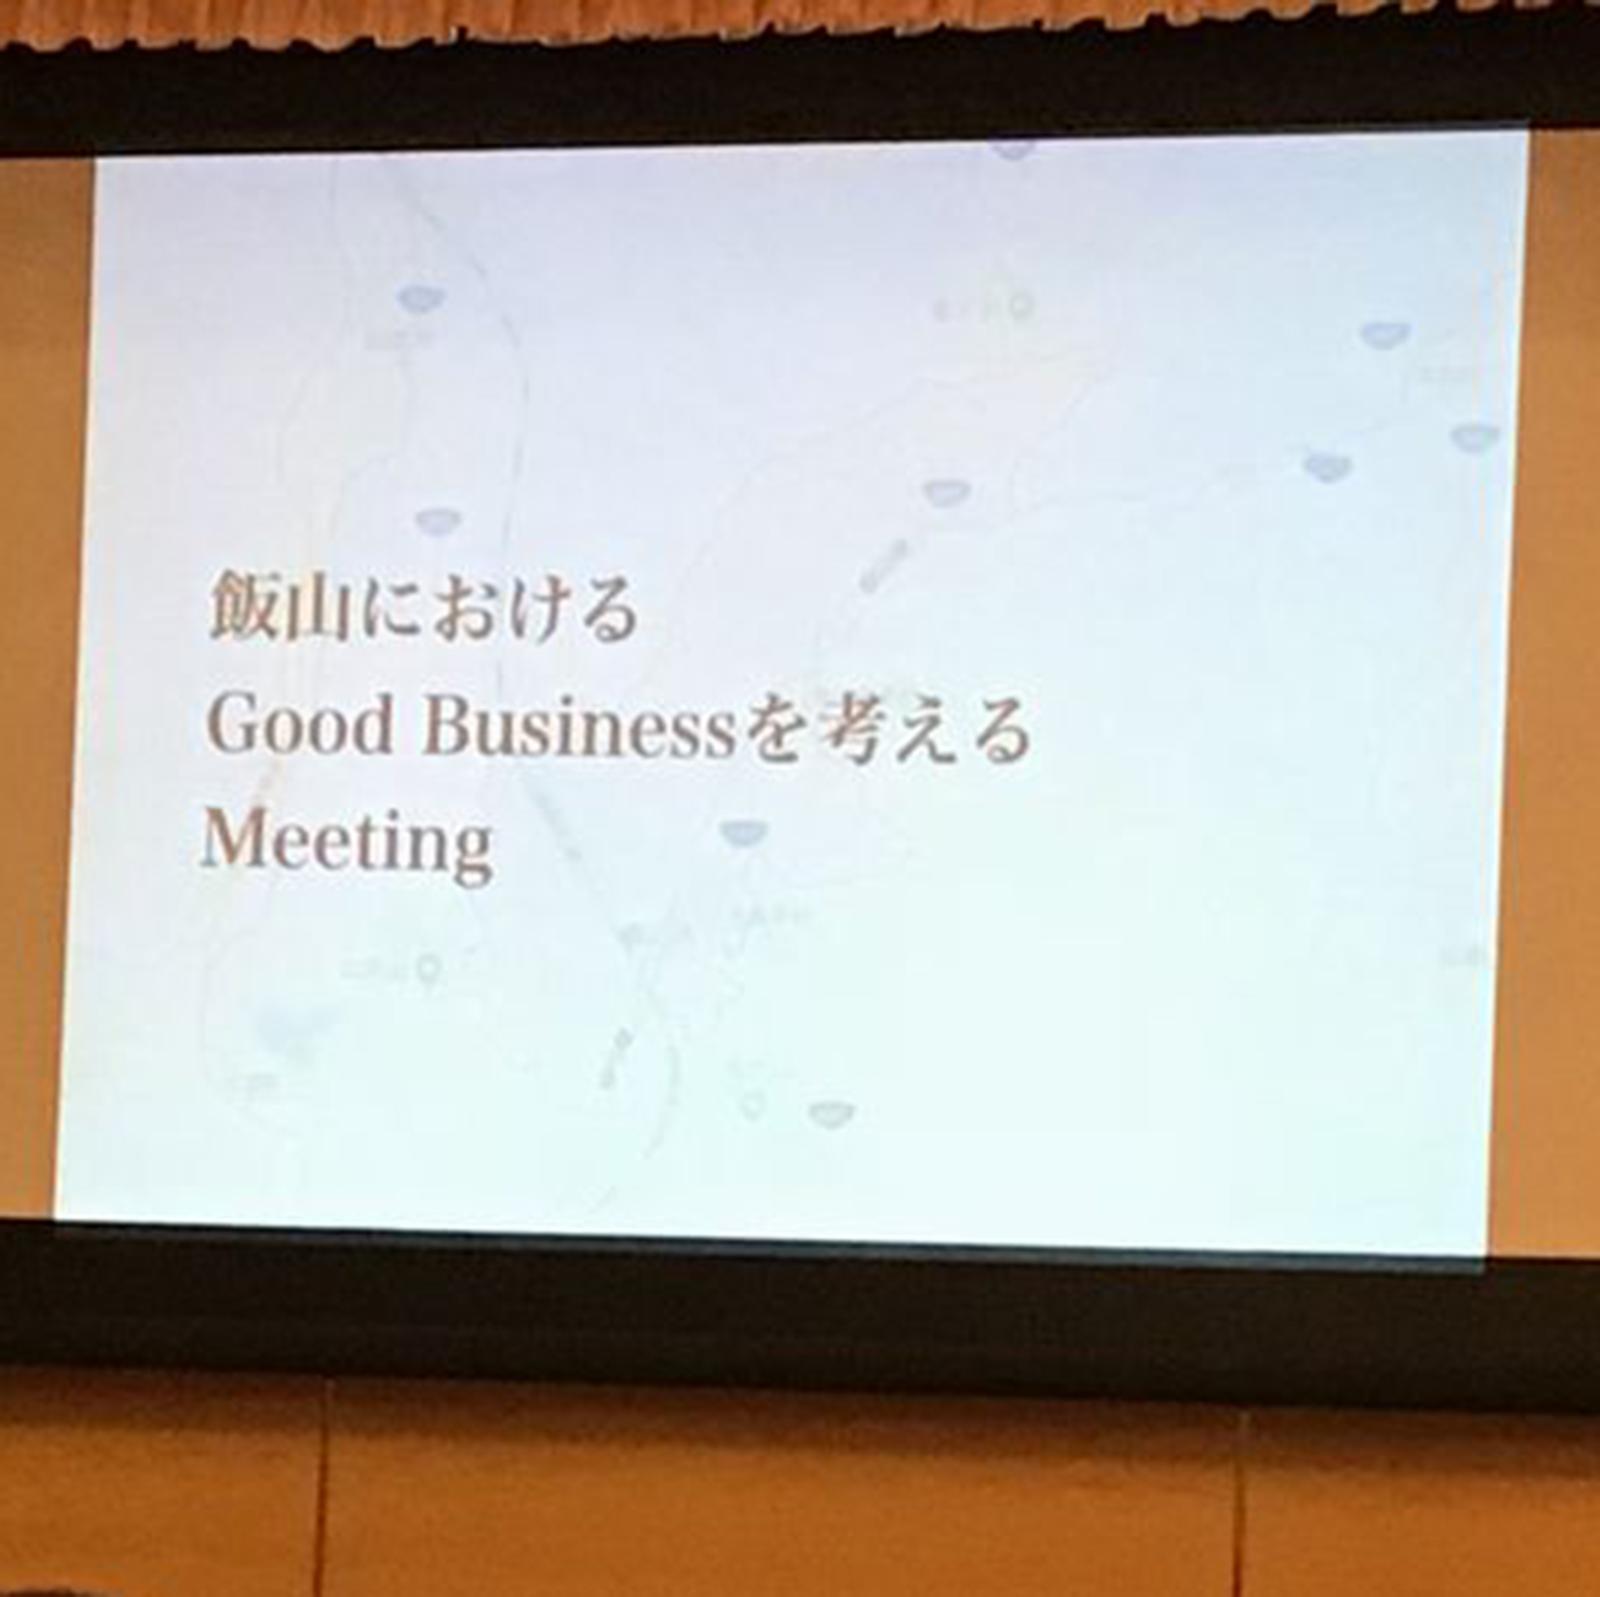 長野県立大学連携事業 第1回 飯山 good business meeting を開催!!